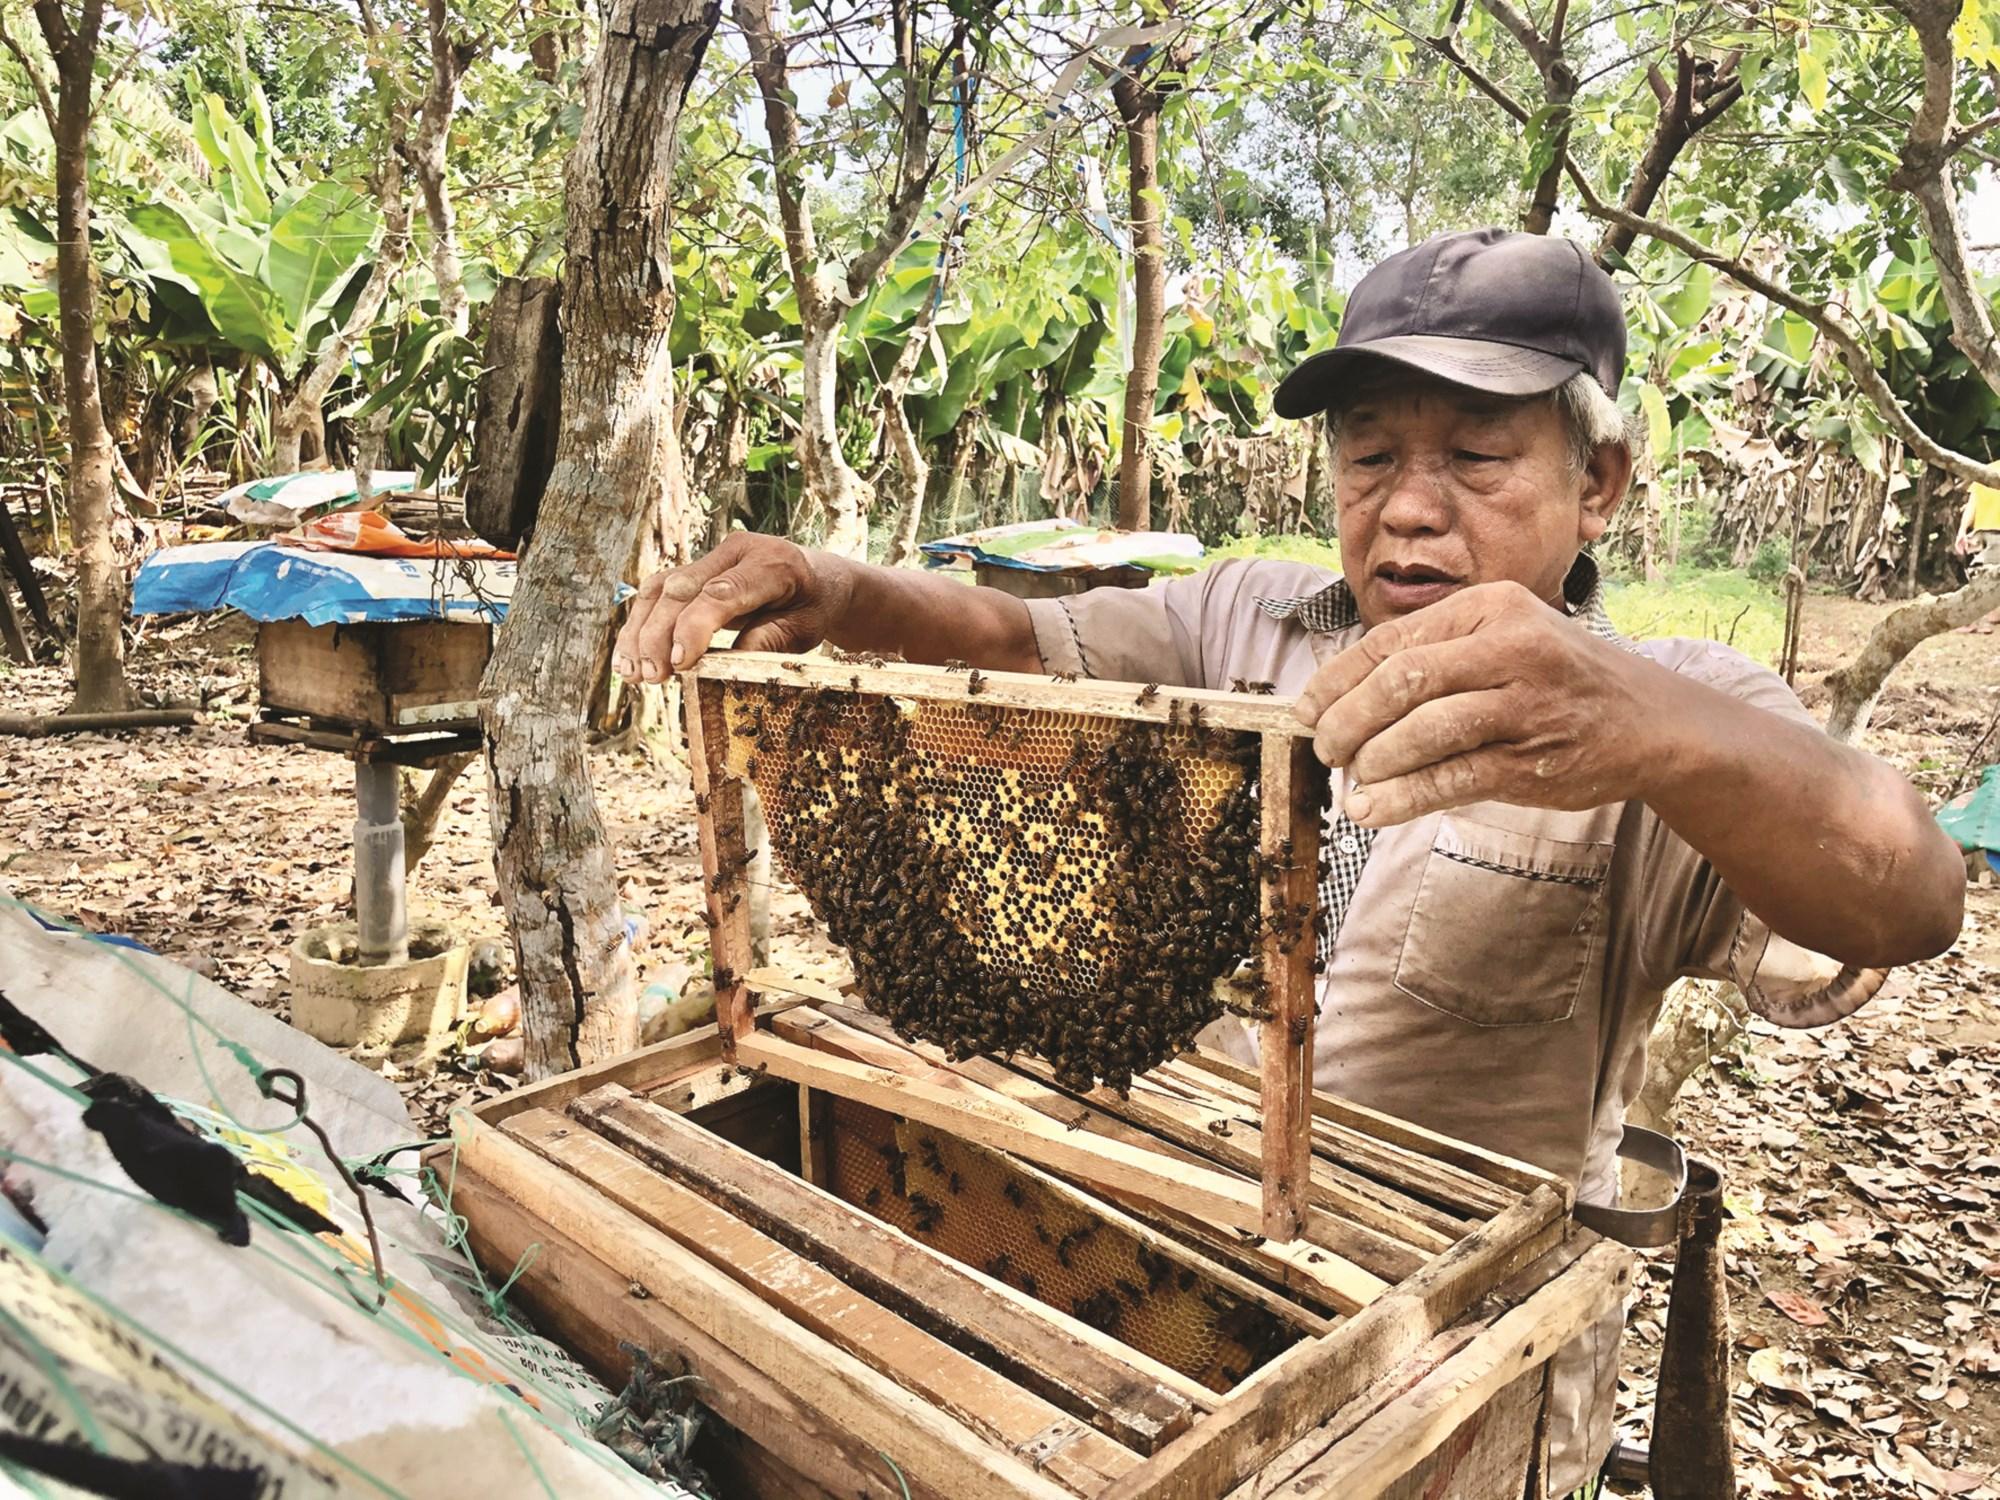 Từ nguồn vốn vay ưu đãi, ông Hà Văn Bàng đã phát triển mô hình nuôi ong lấy mật đem lại thu nhập ổn định.